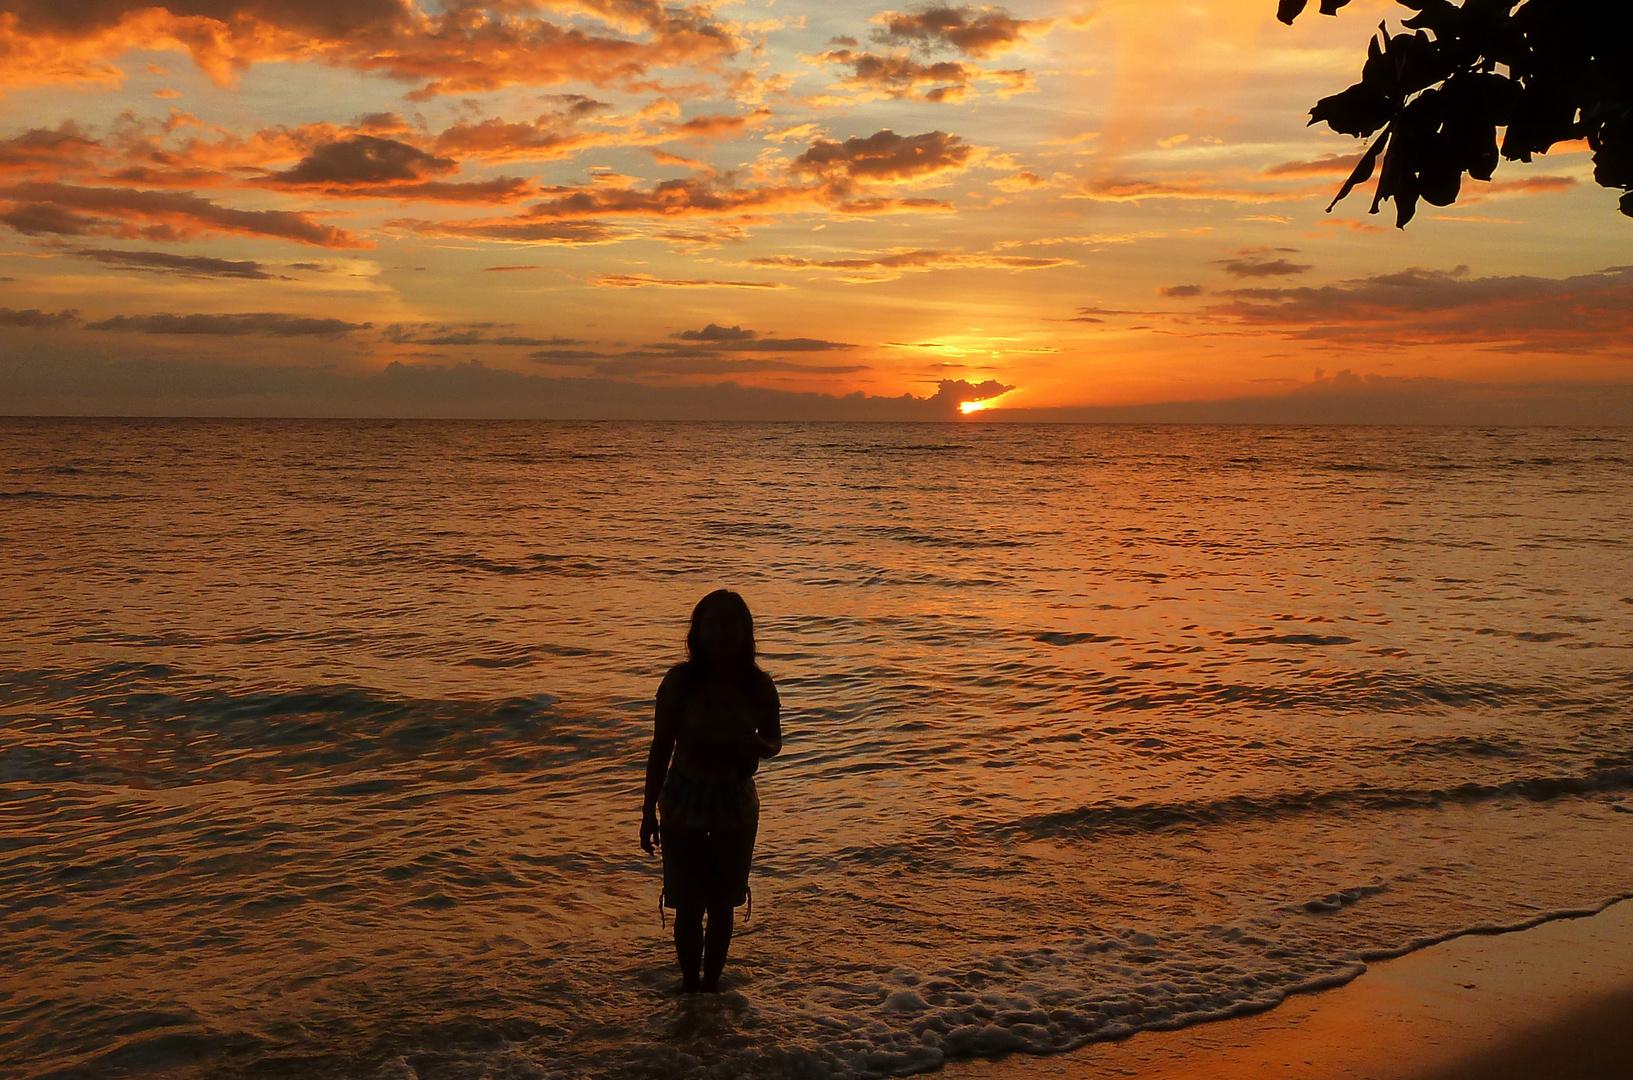 Sunset in Tabango/Leyte